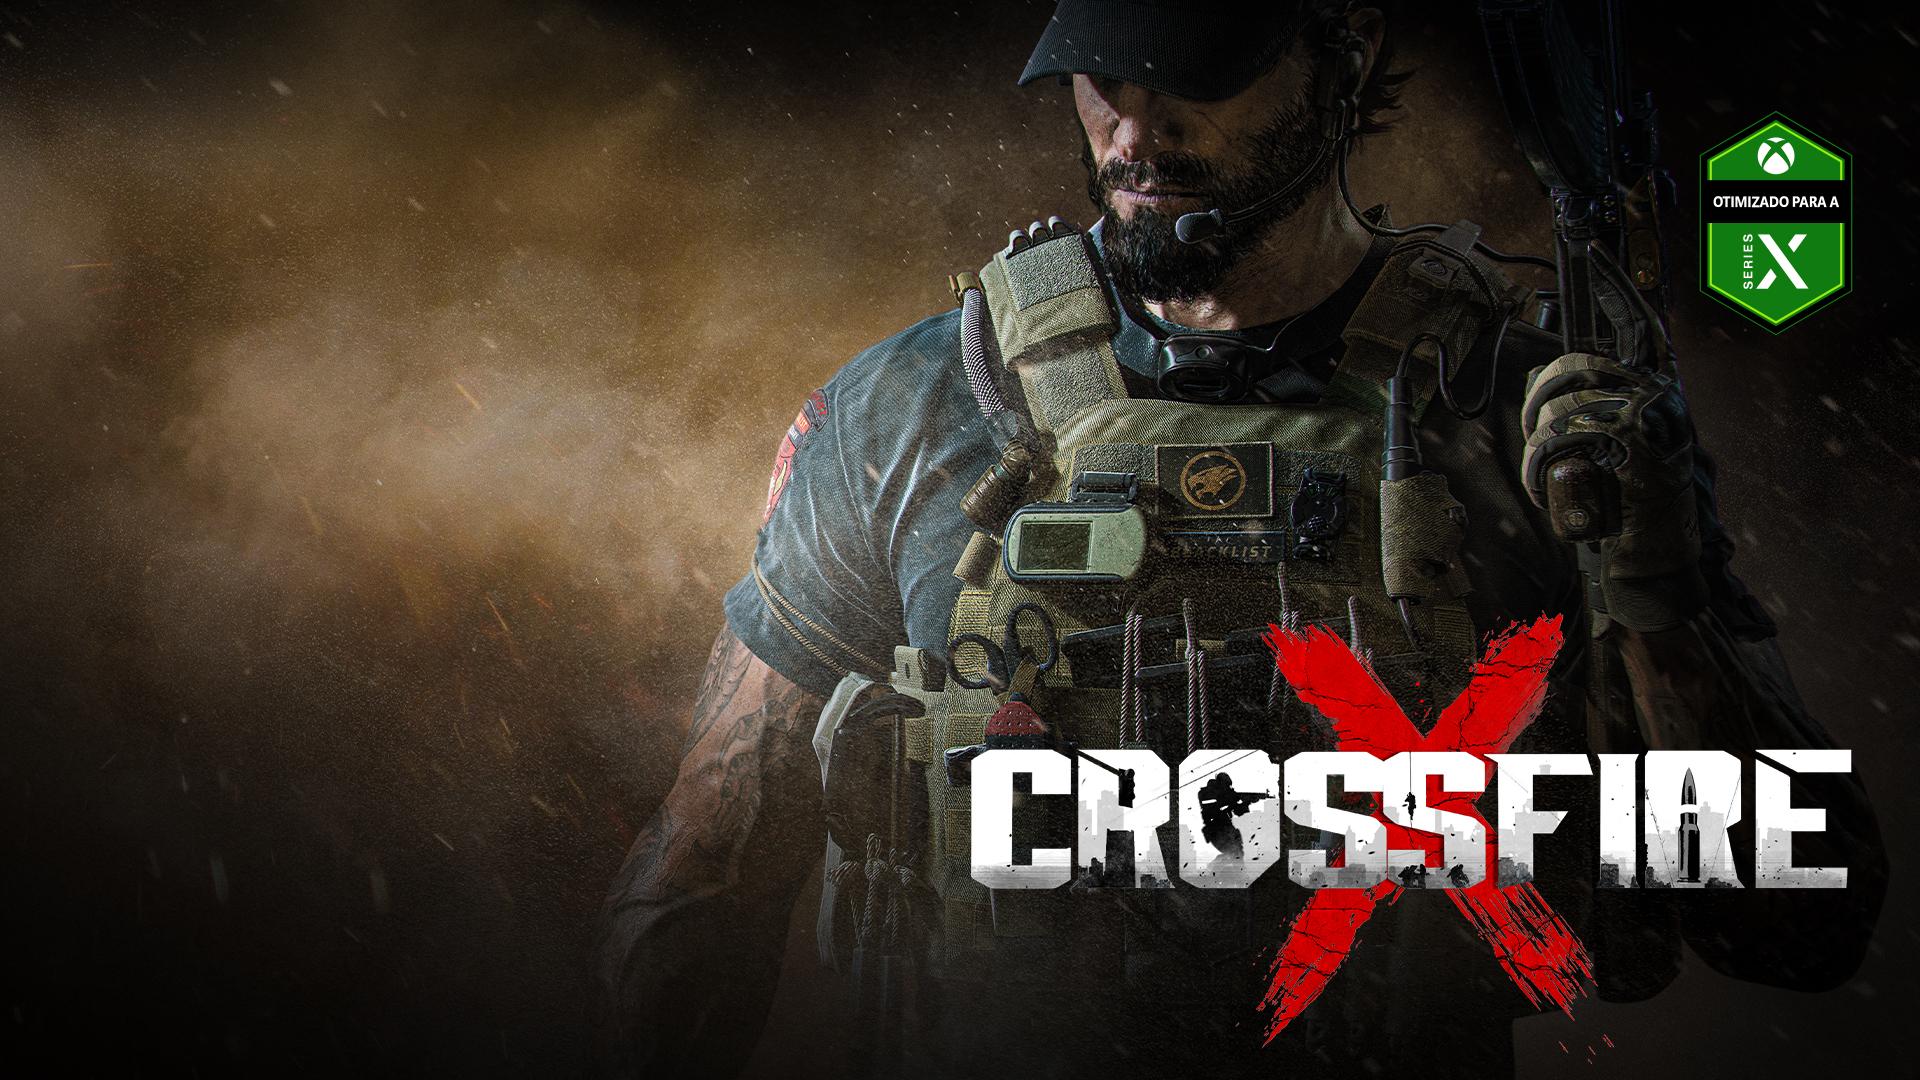 CrossfireX, Otimizado para a Xbox Series X, um homem fortemente armado no meio de fumo e cinzas